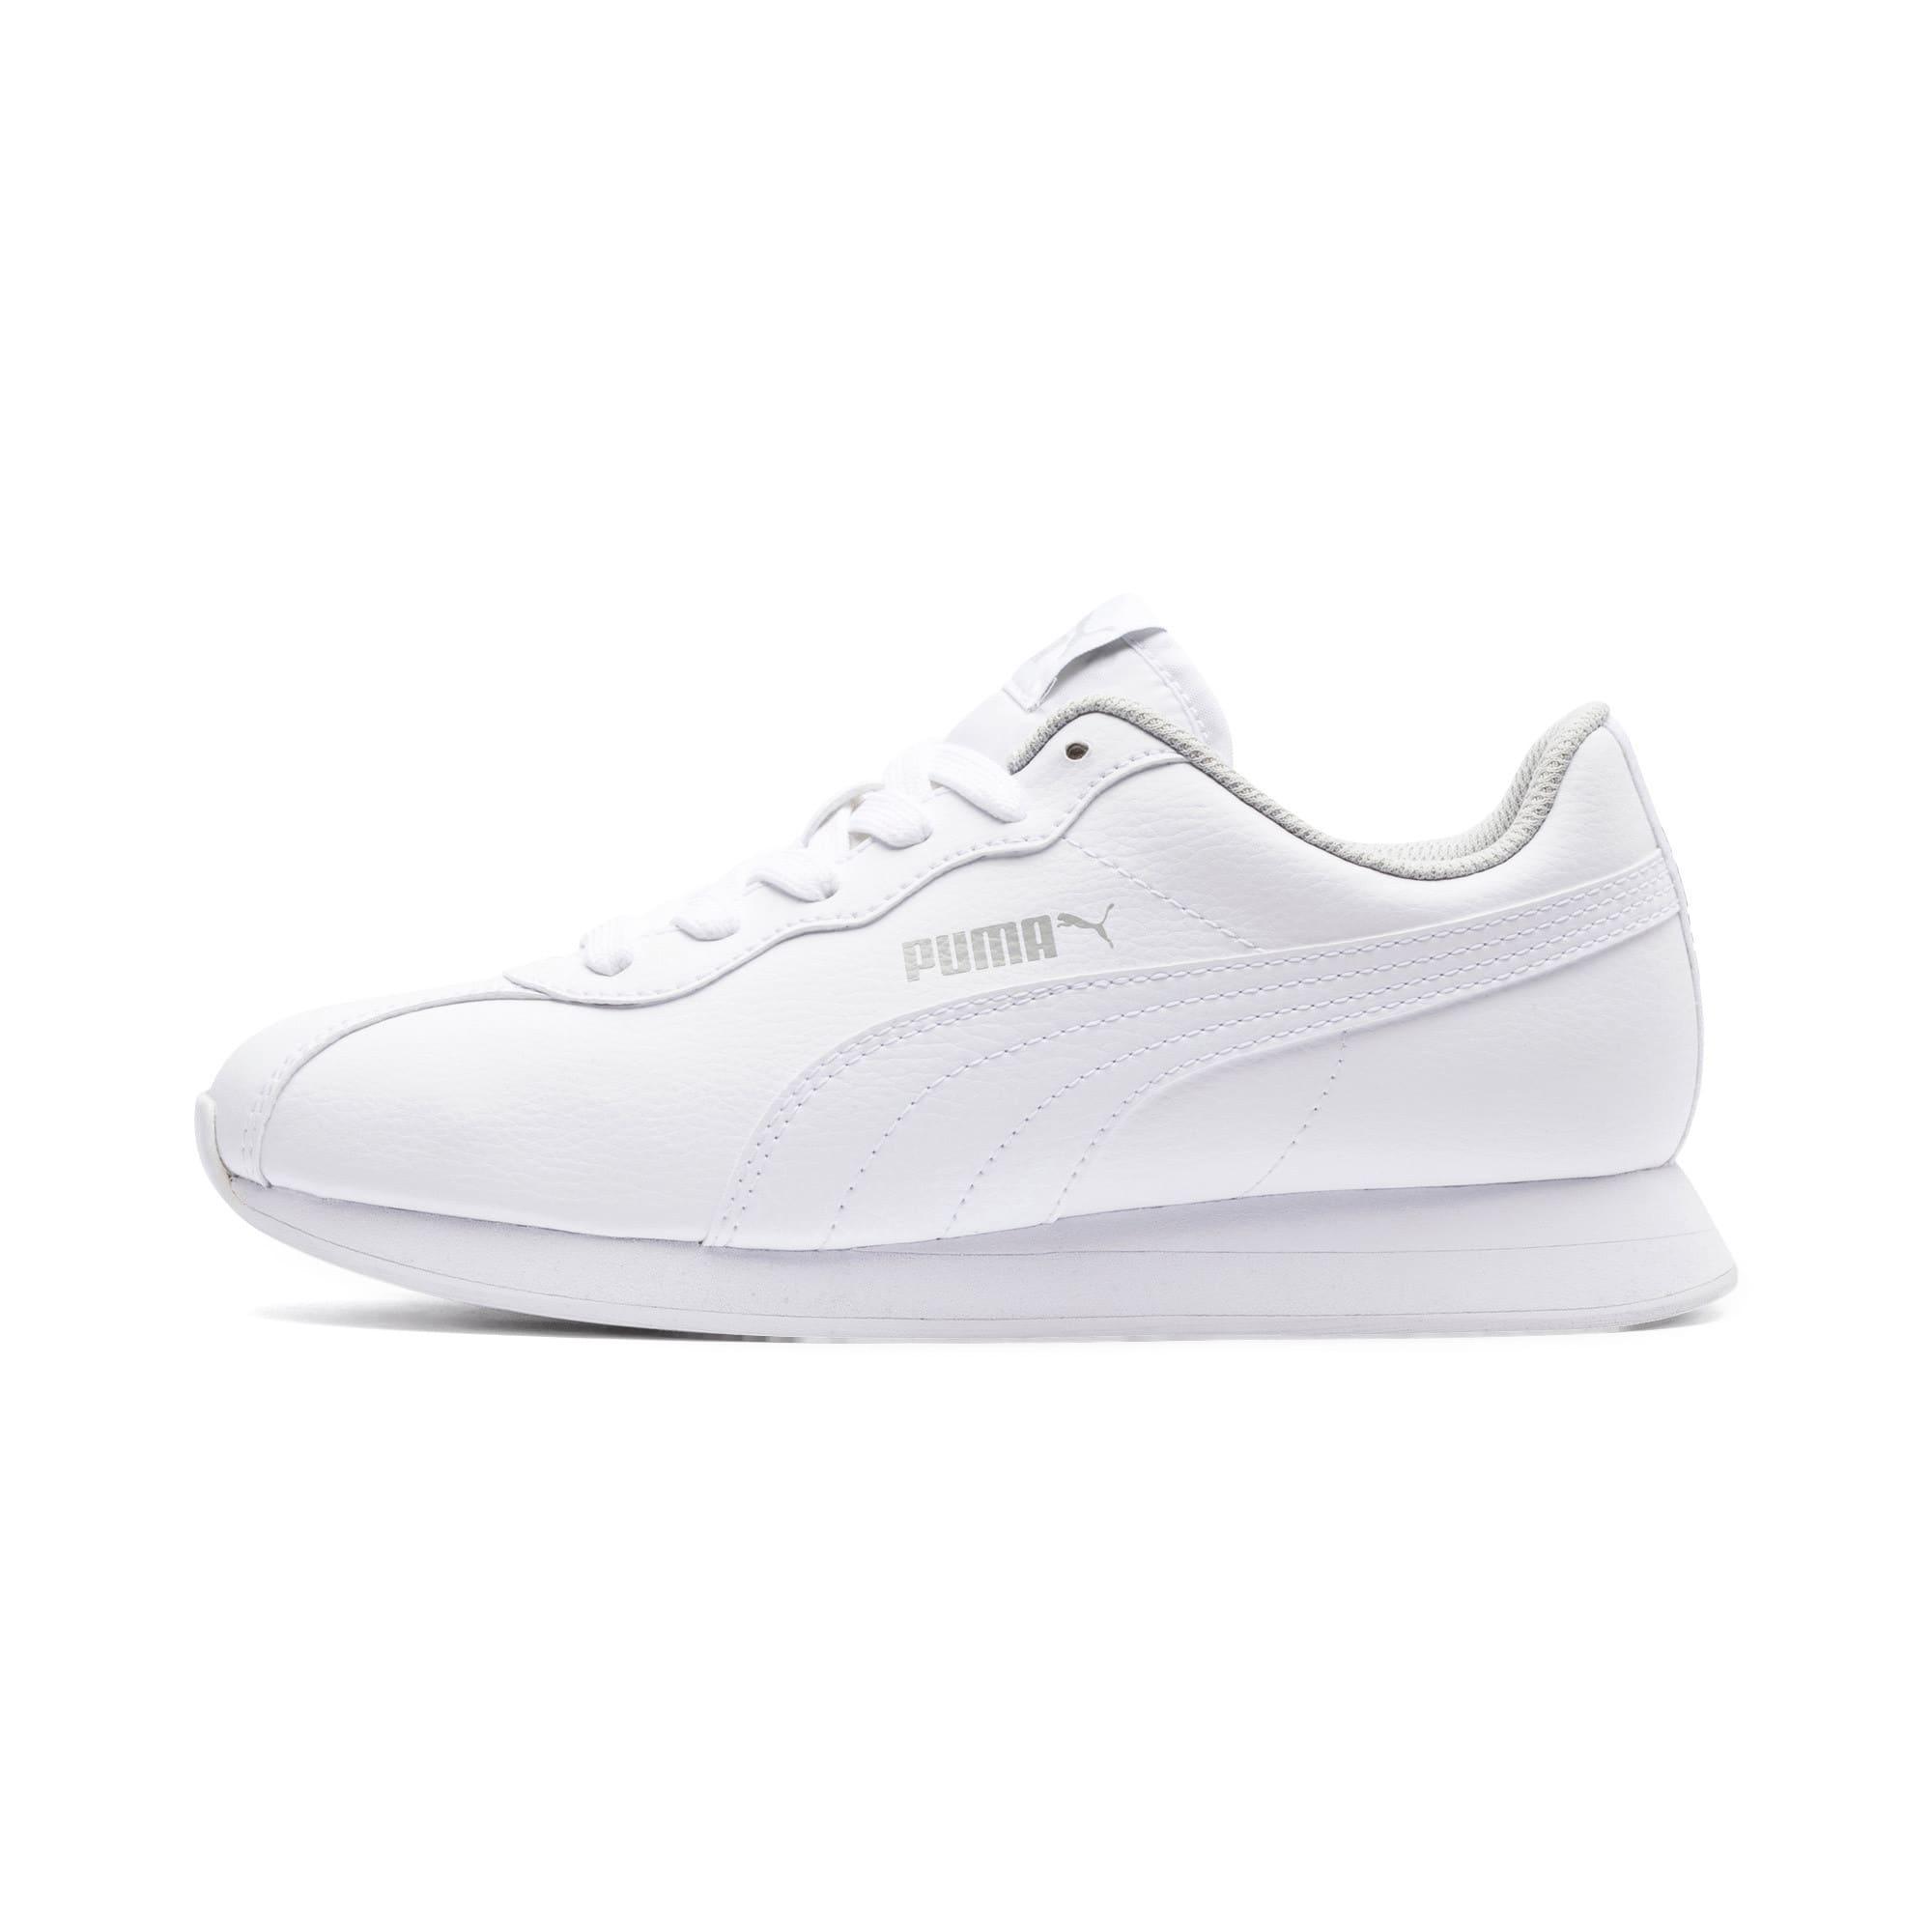 Thumbnail 1 of Turin II Sneakers JR, Puma White-Puma White, medium